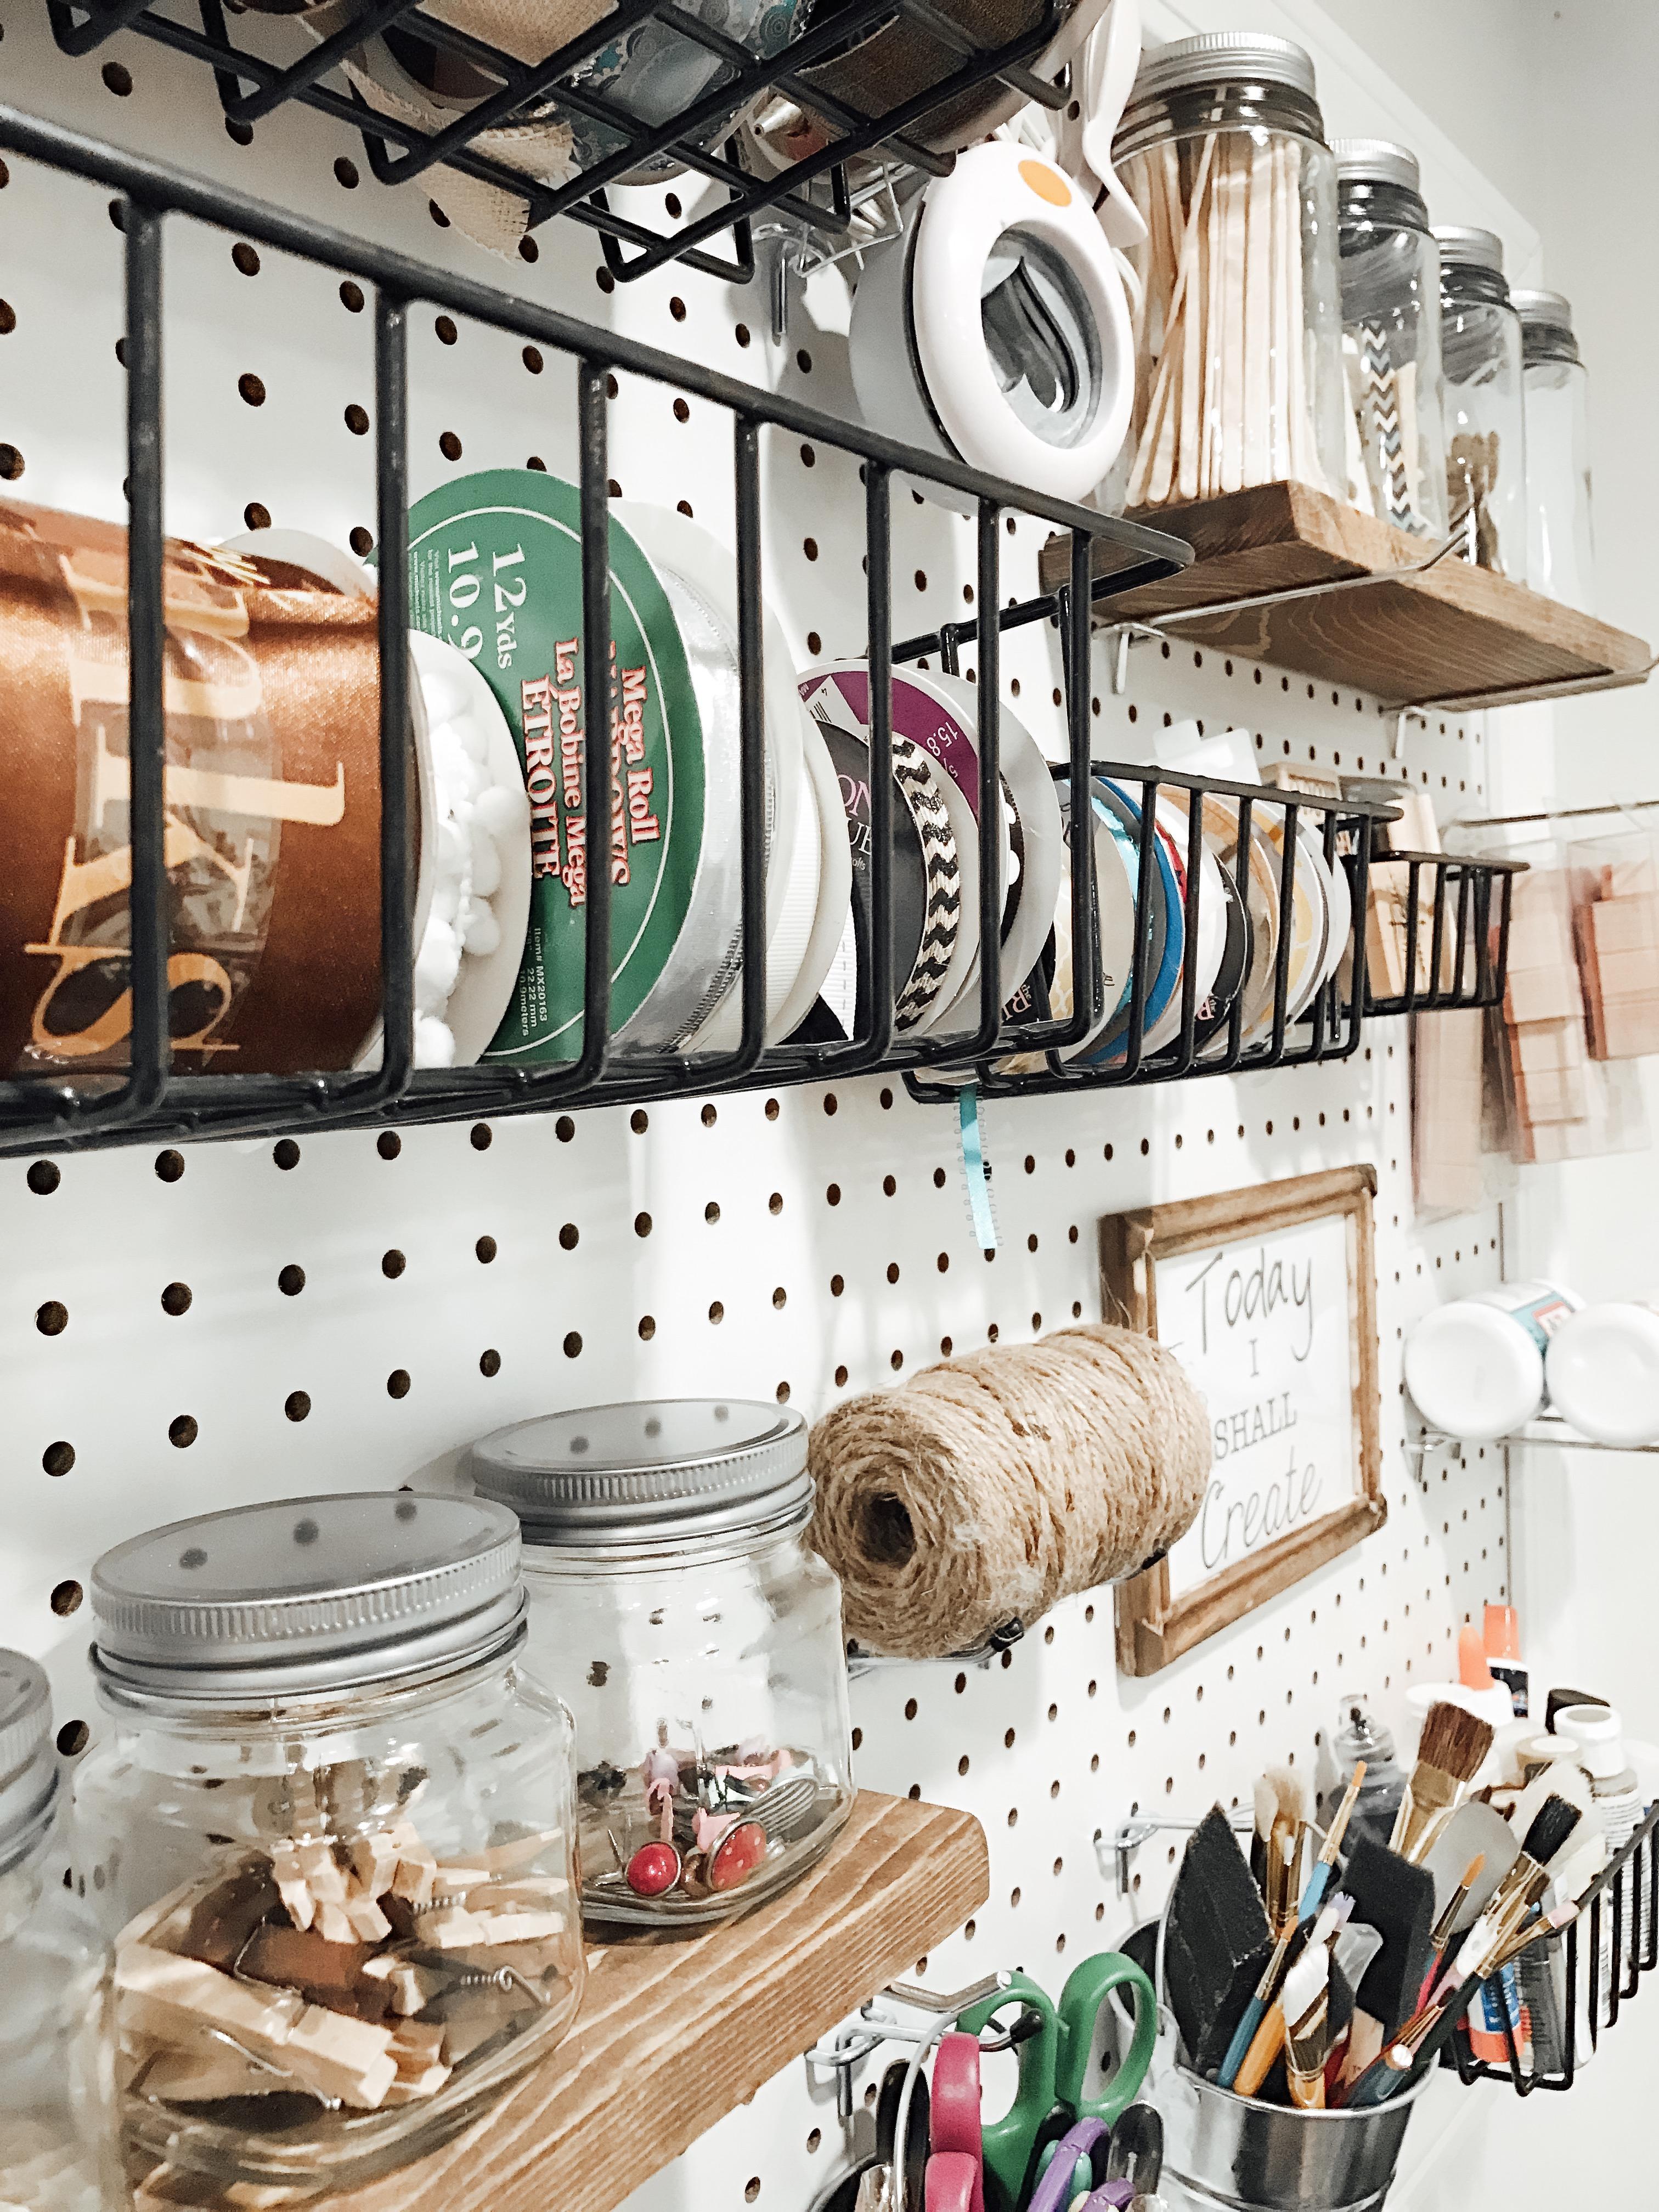 DIY Craft Pegboard Organization